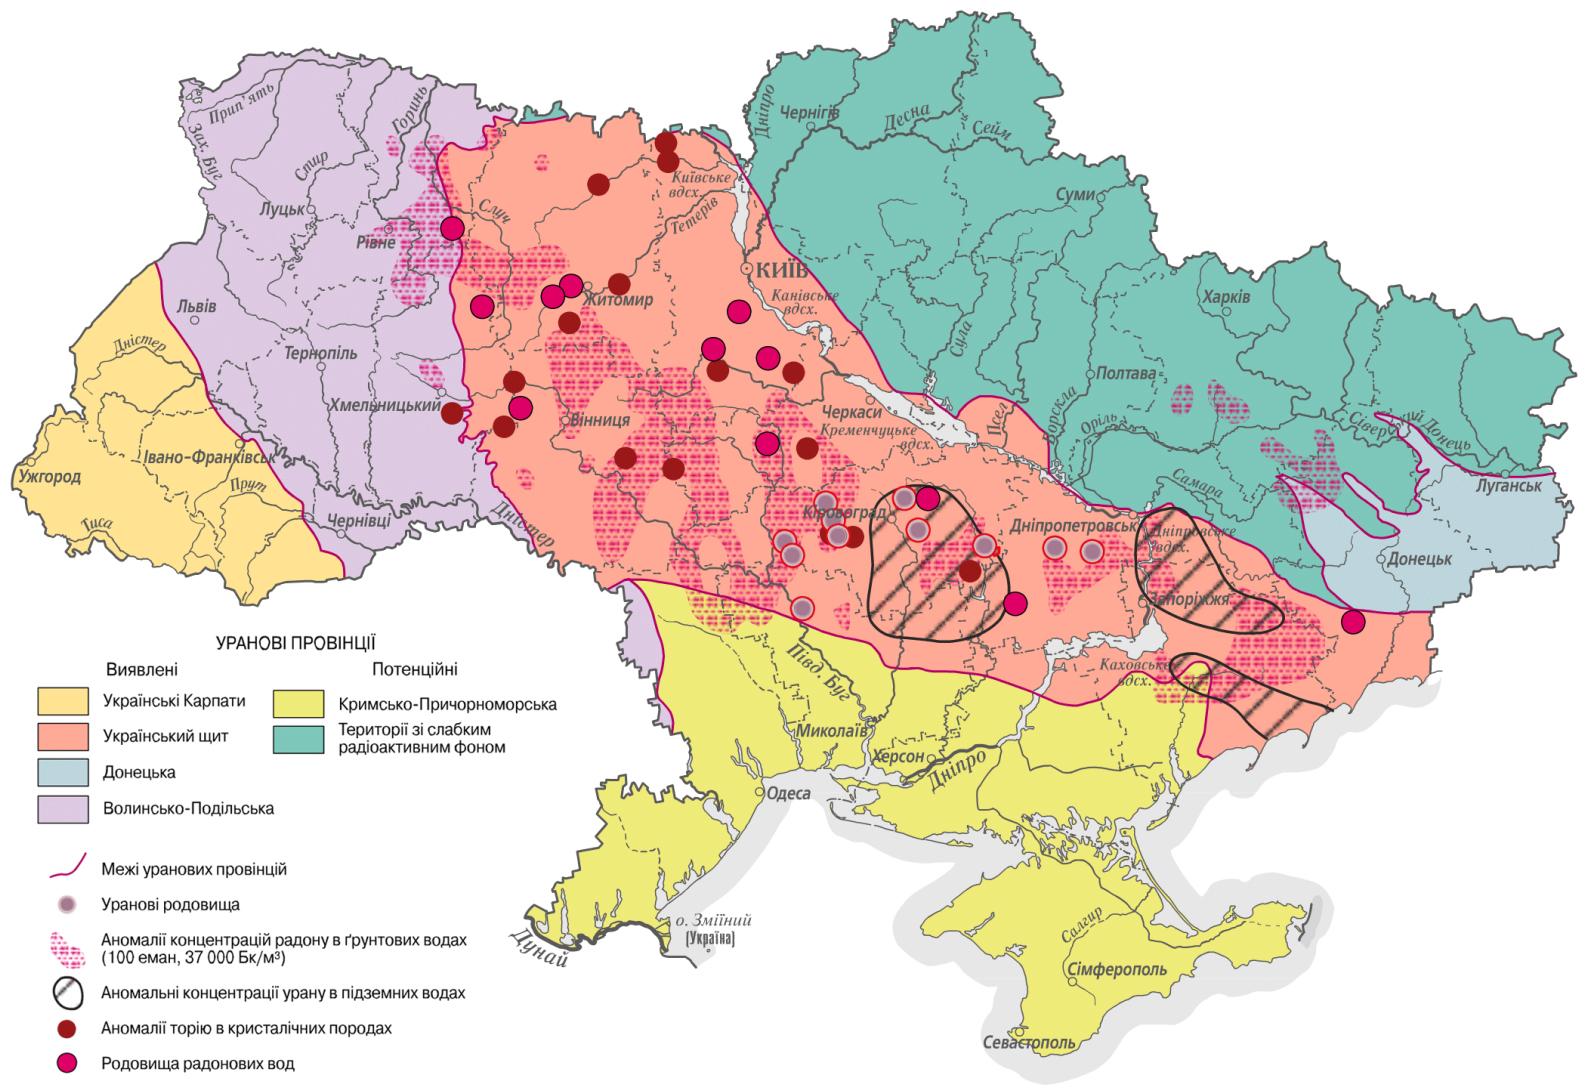 Карта естественной радиоактивности территории Украины